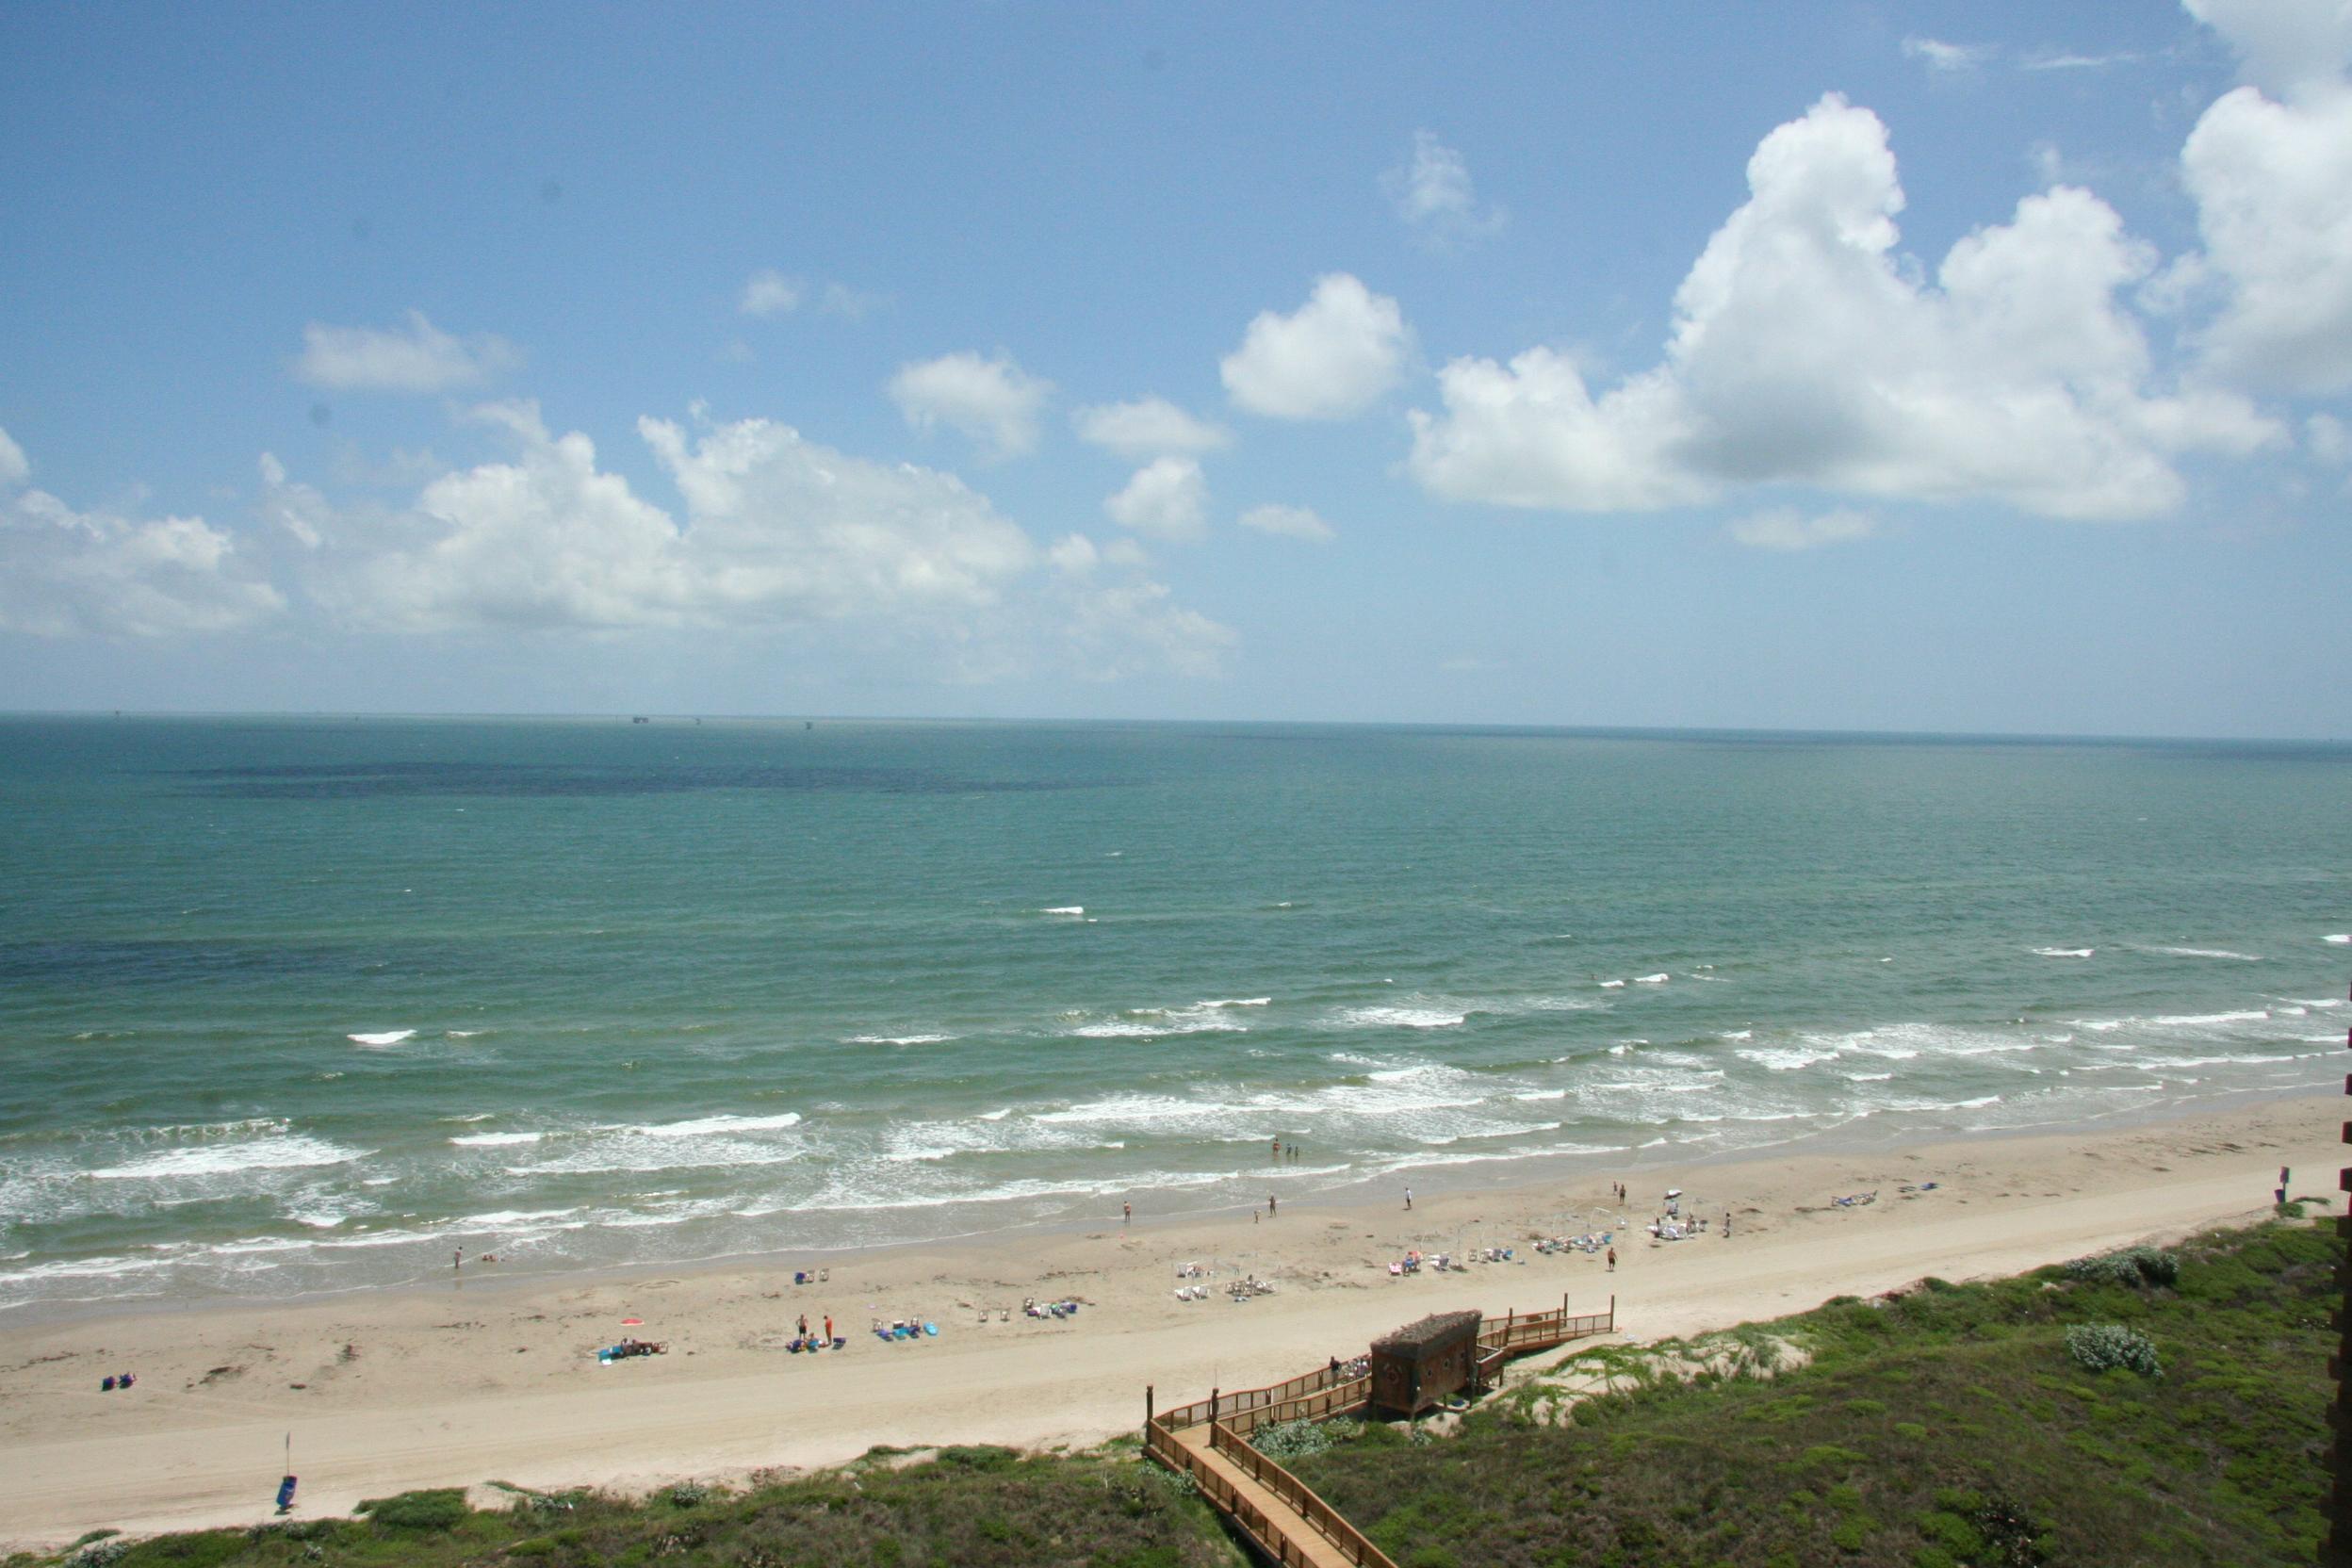 A Texas beach